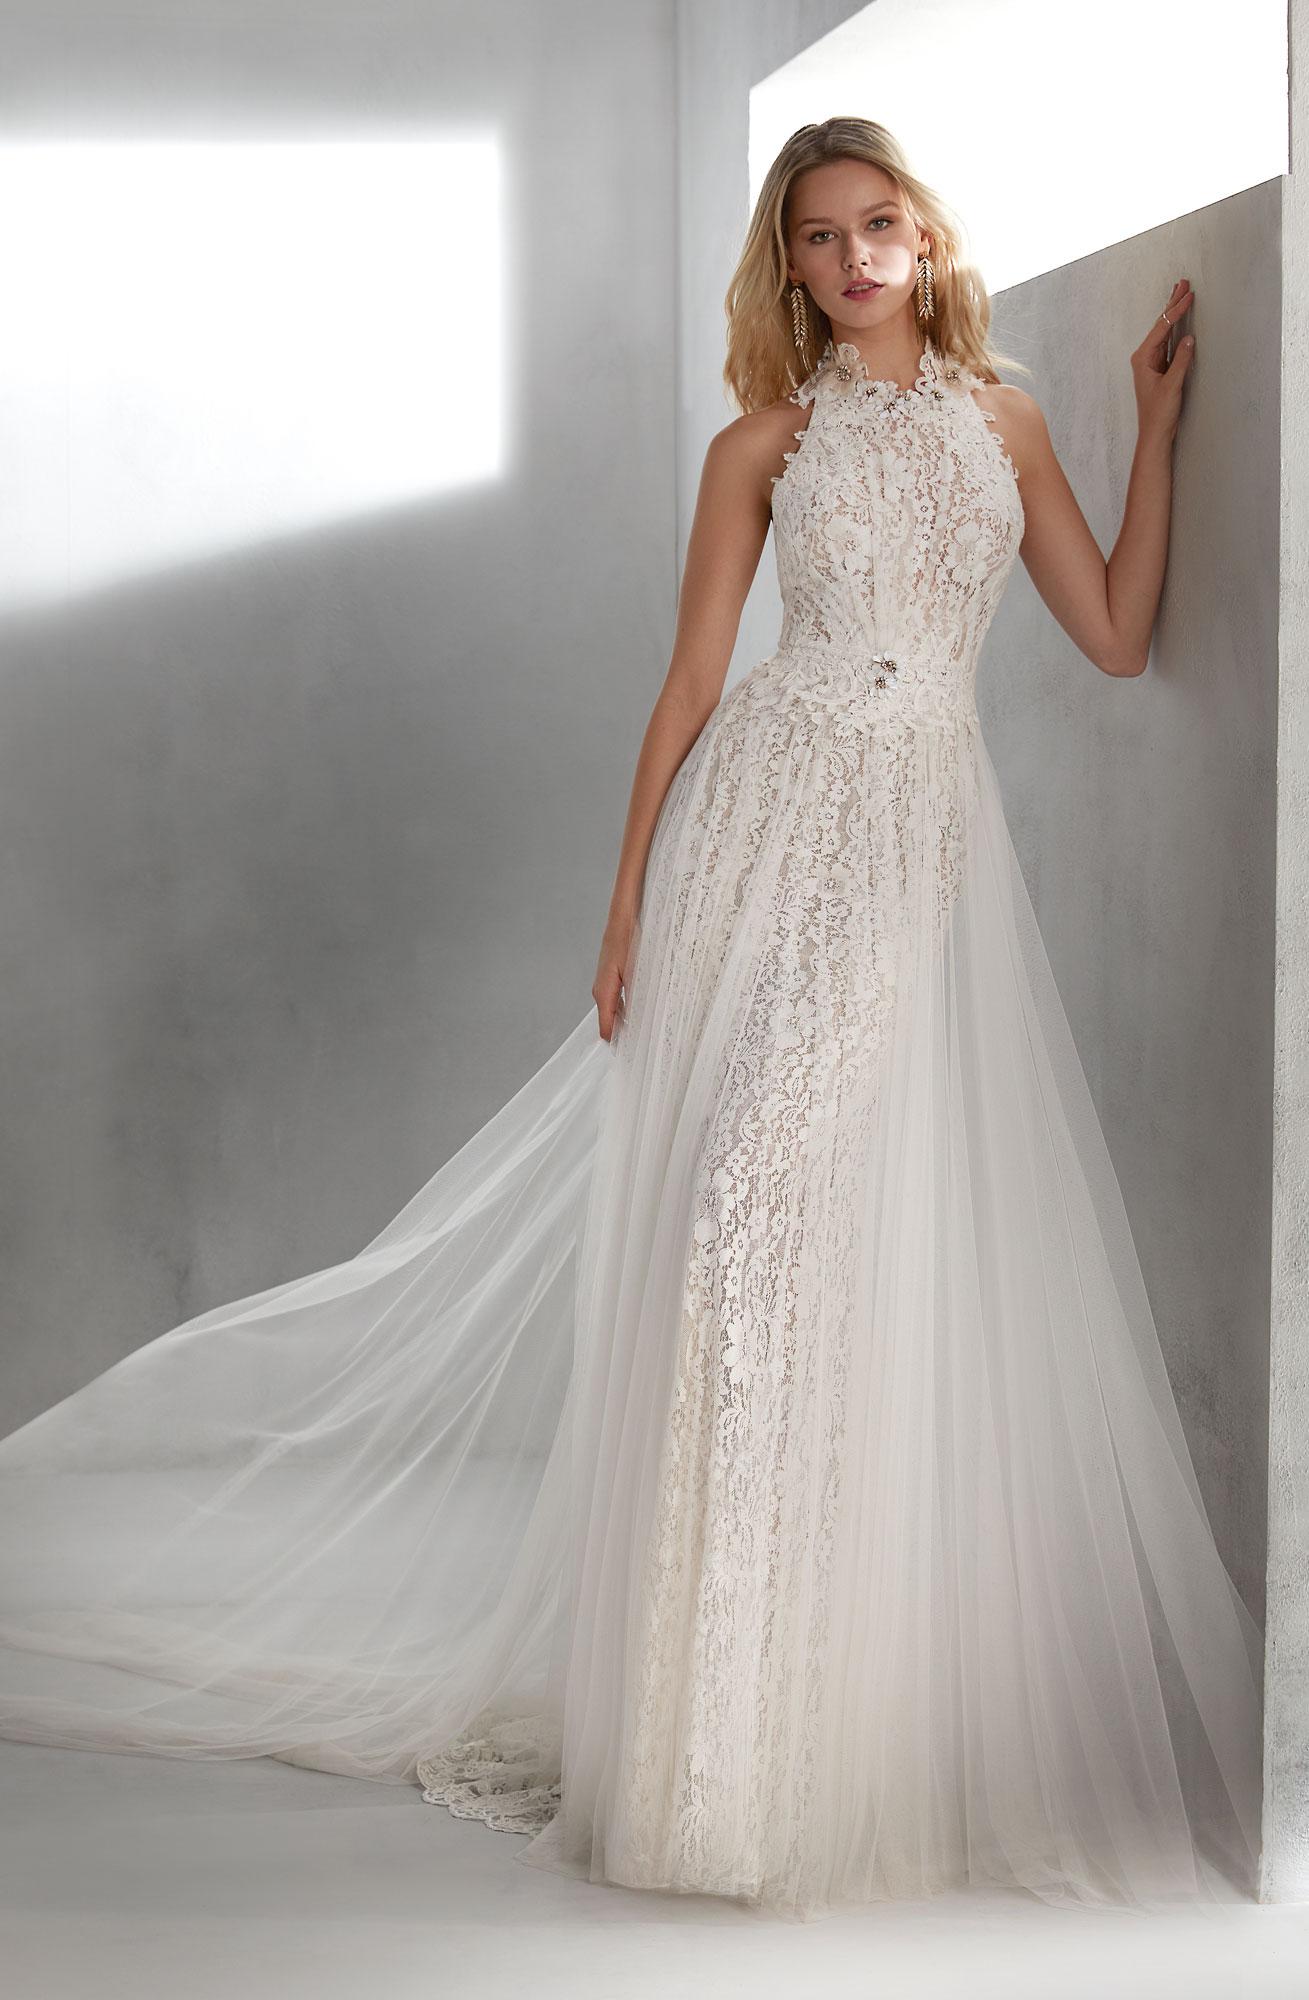 Brautkleider Spitze  Hochzeitskleider mit Spitze - edel